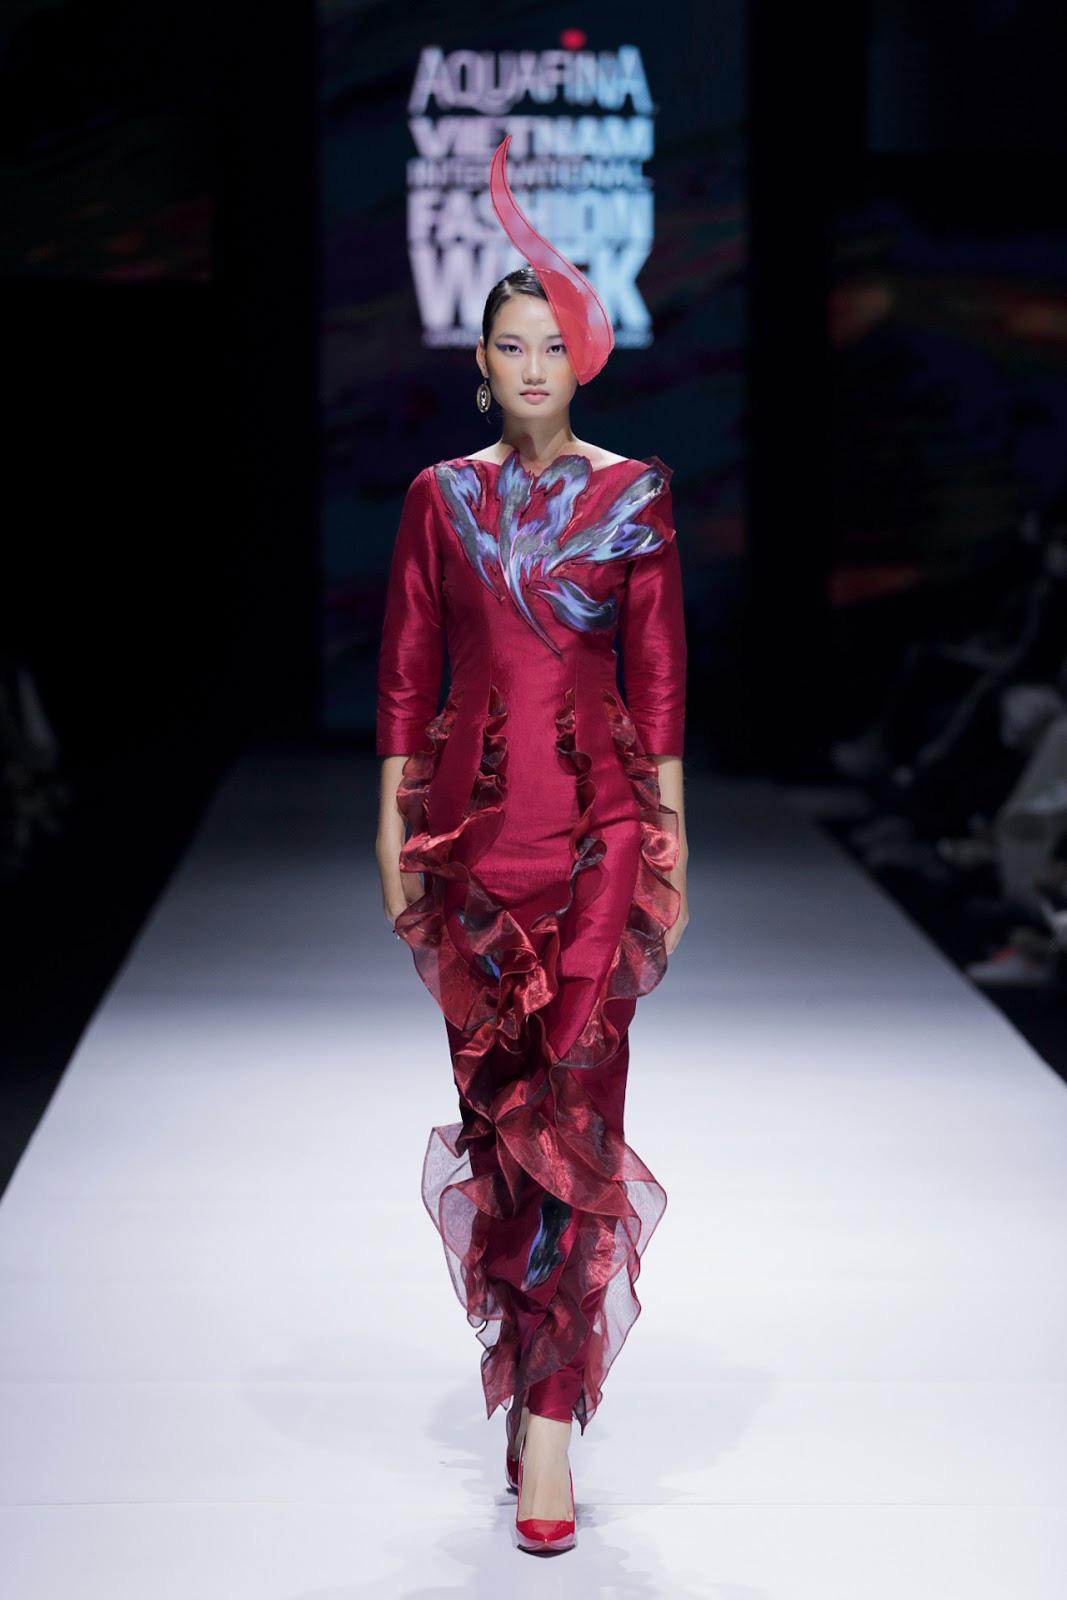 Với những bước đi uyển chuyển và chuyên nghiệp, Quỳnh Anh thể hiện trọn vẹn thần thái sang trọng, quý phái nhưng cũng không kém phần nhã nhặn, thanh tao